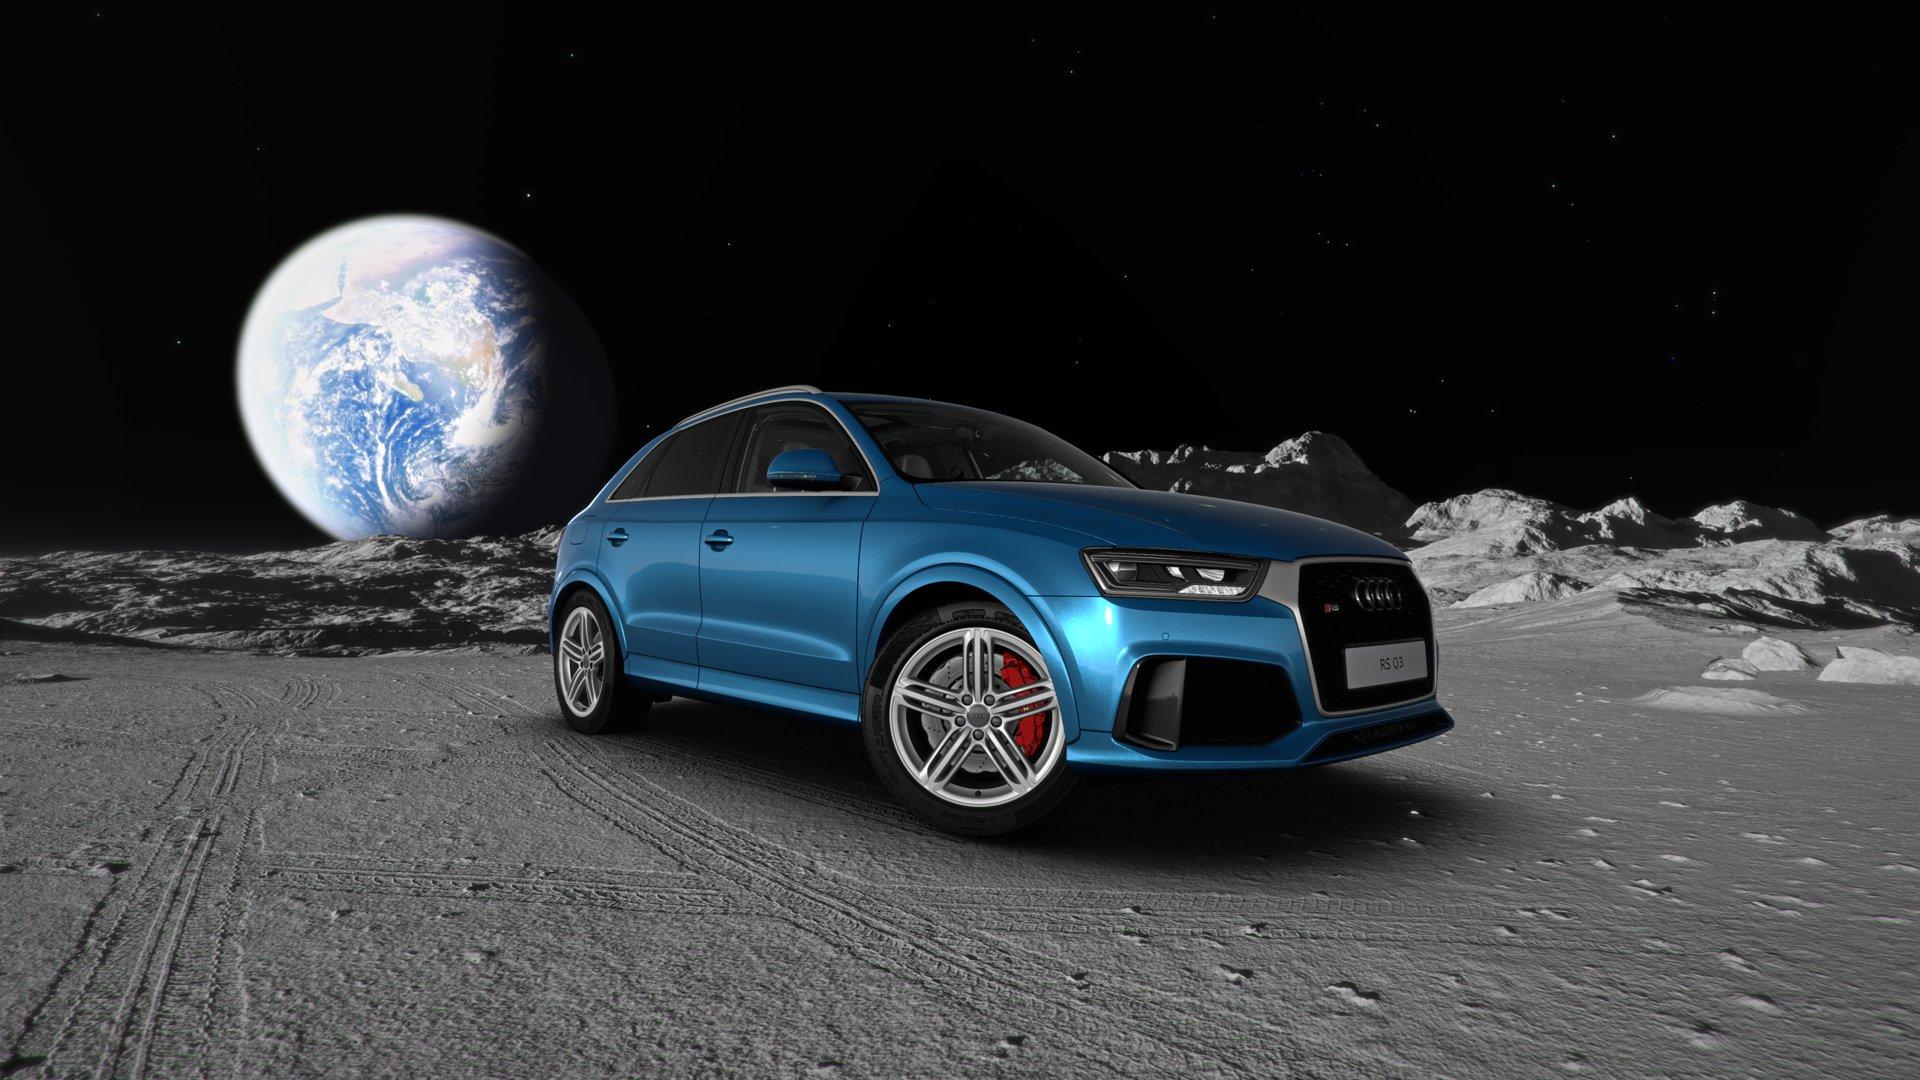 Audi RS Q3 auf dem Mond